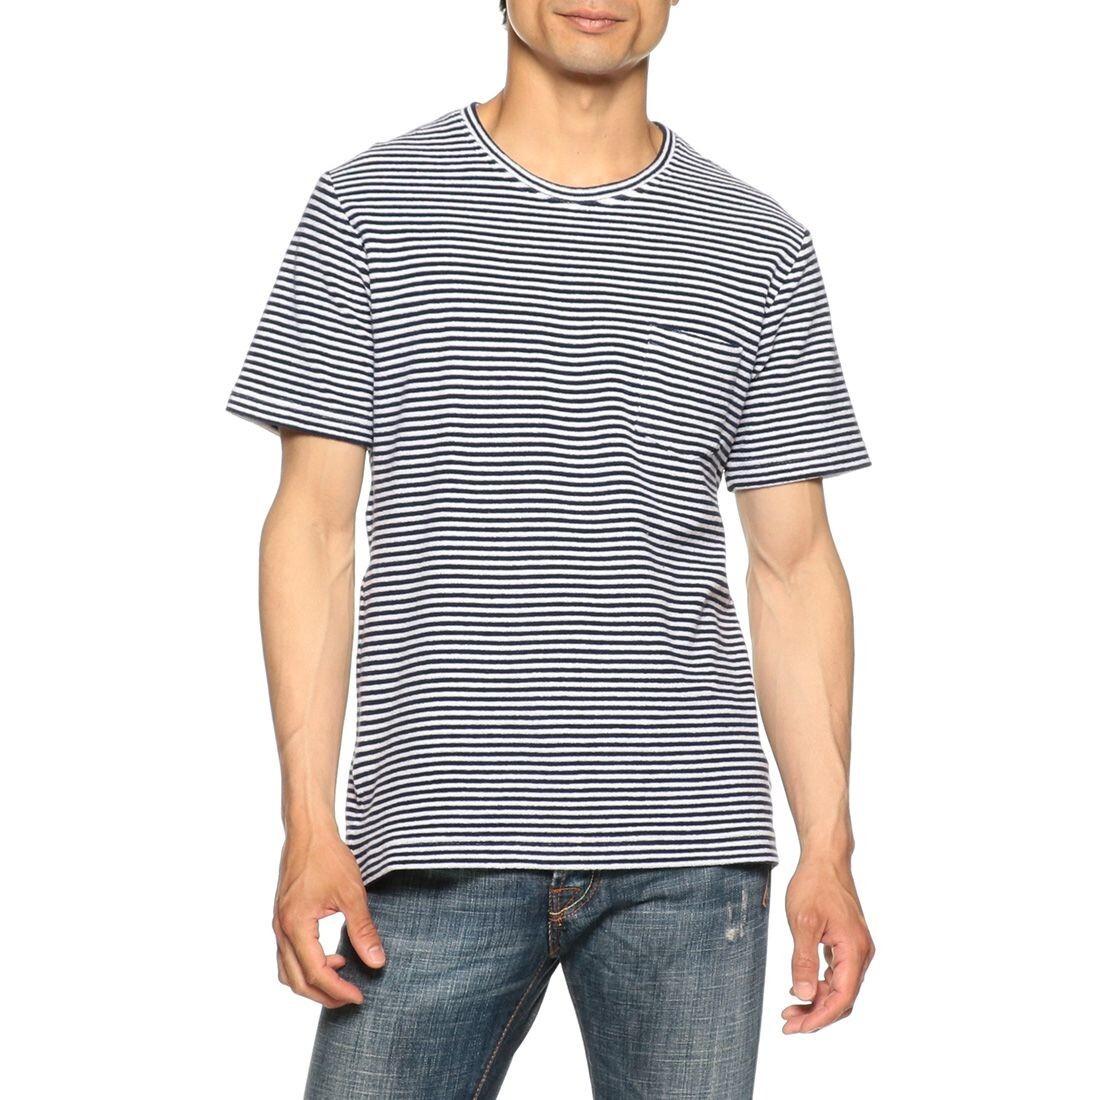 ネービーストライプのTシャツ